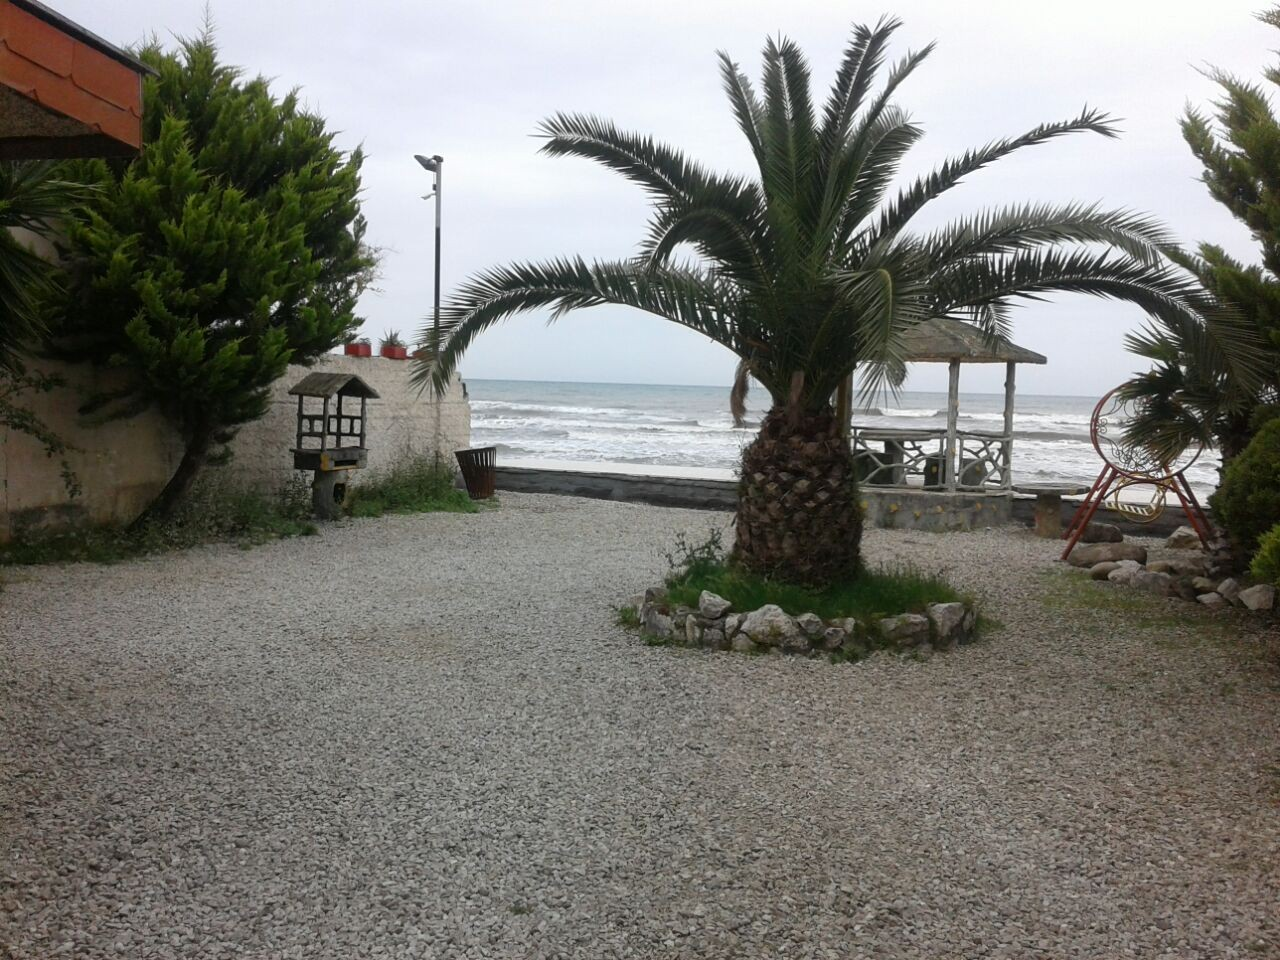 ساحلی ویلا ساحلی با استخر سرپوشیده خط هشت چالوس - ارکیده